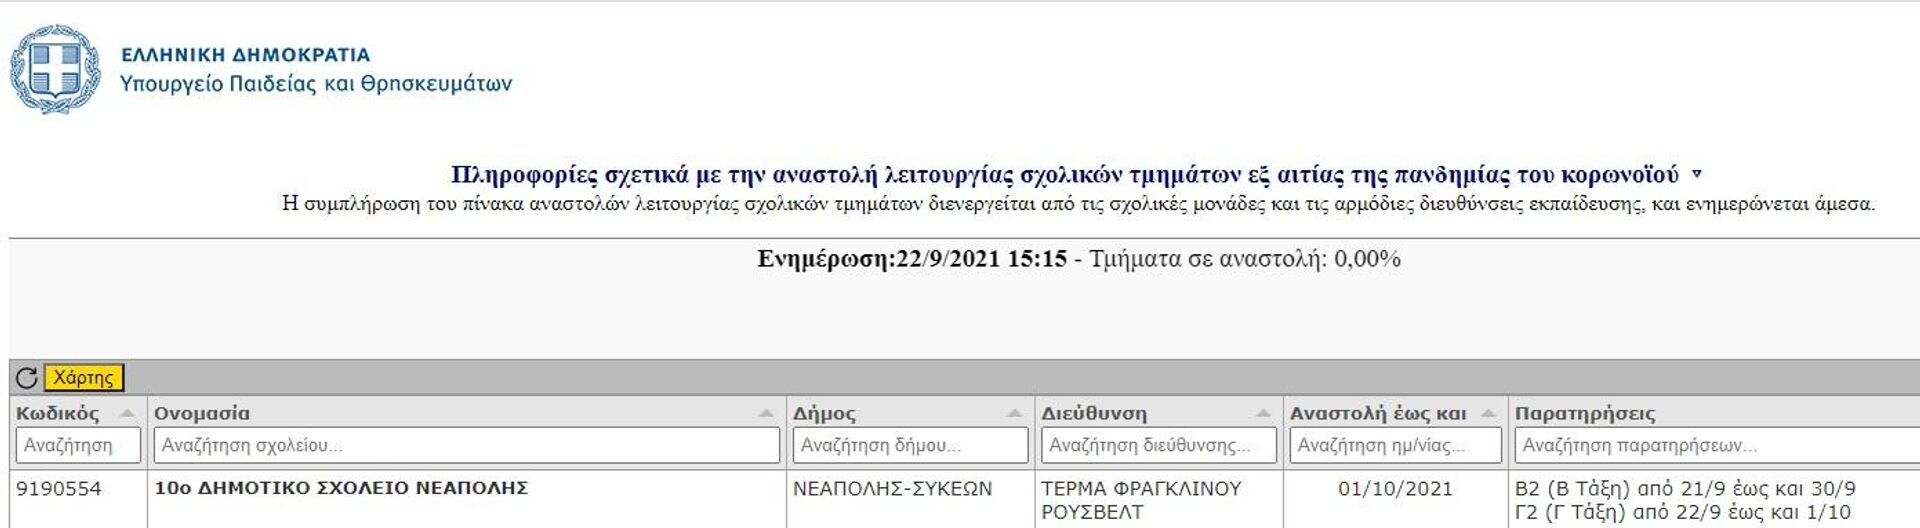 Ιστοσελίδα του υπουργείου Παιδείας για τα σχολικά τμήματα που κλείνουν λόγω κρουσμάτων κορονοϊού  - Sputnik Ελλάδα, 1920, 22.09.2021